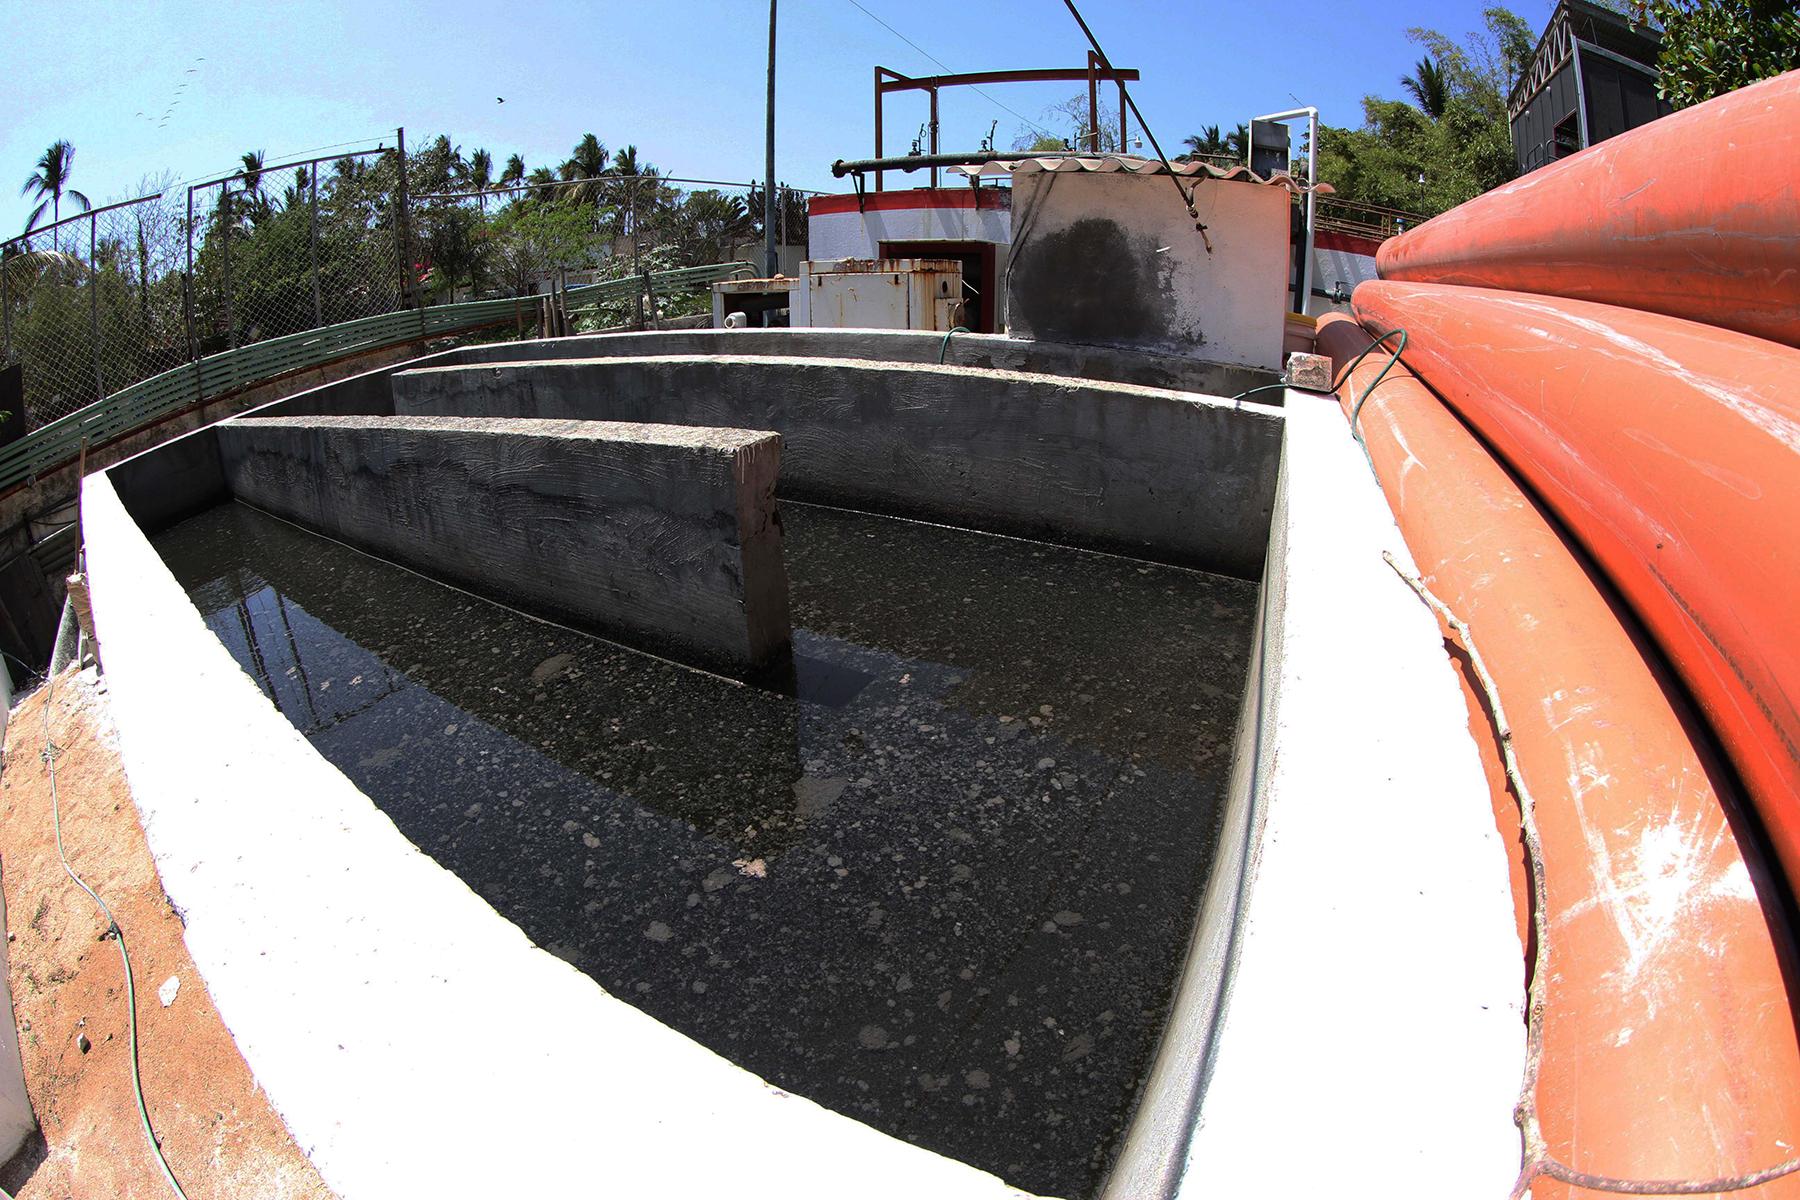 El agua saneada por la planta de tratamiento de aguas residuales de Sayulita podrá utilizarse en el riego de áreas verdes.